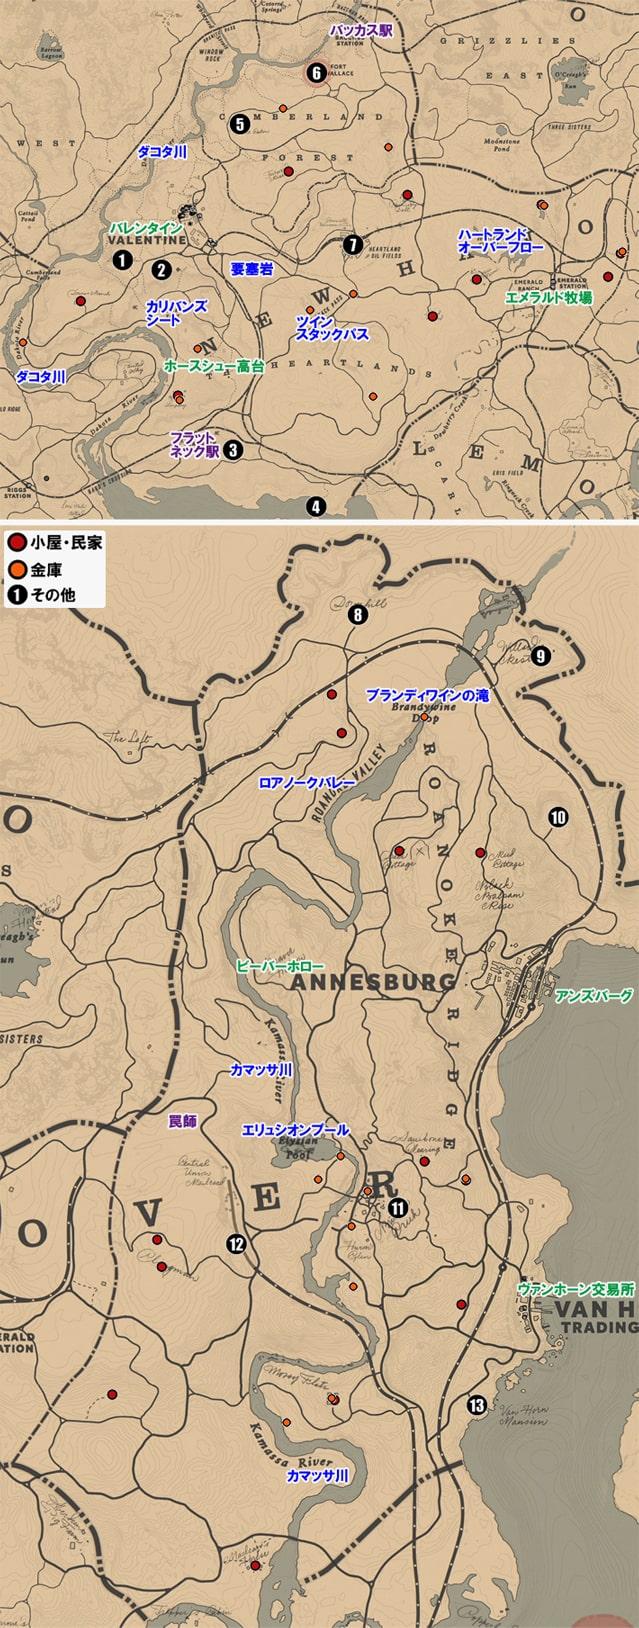 ニューハノーバー州のマップ